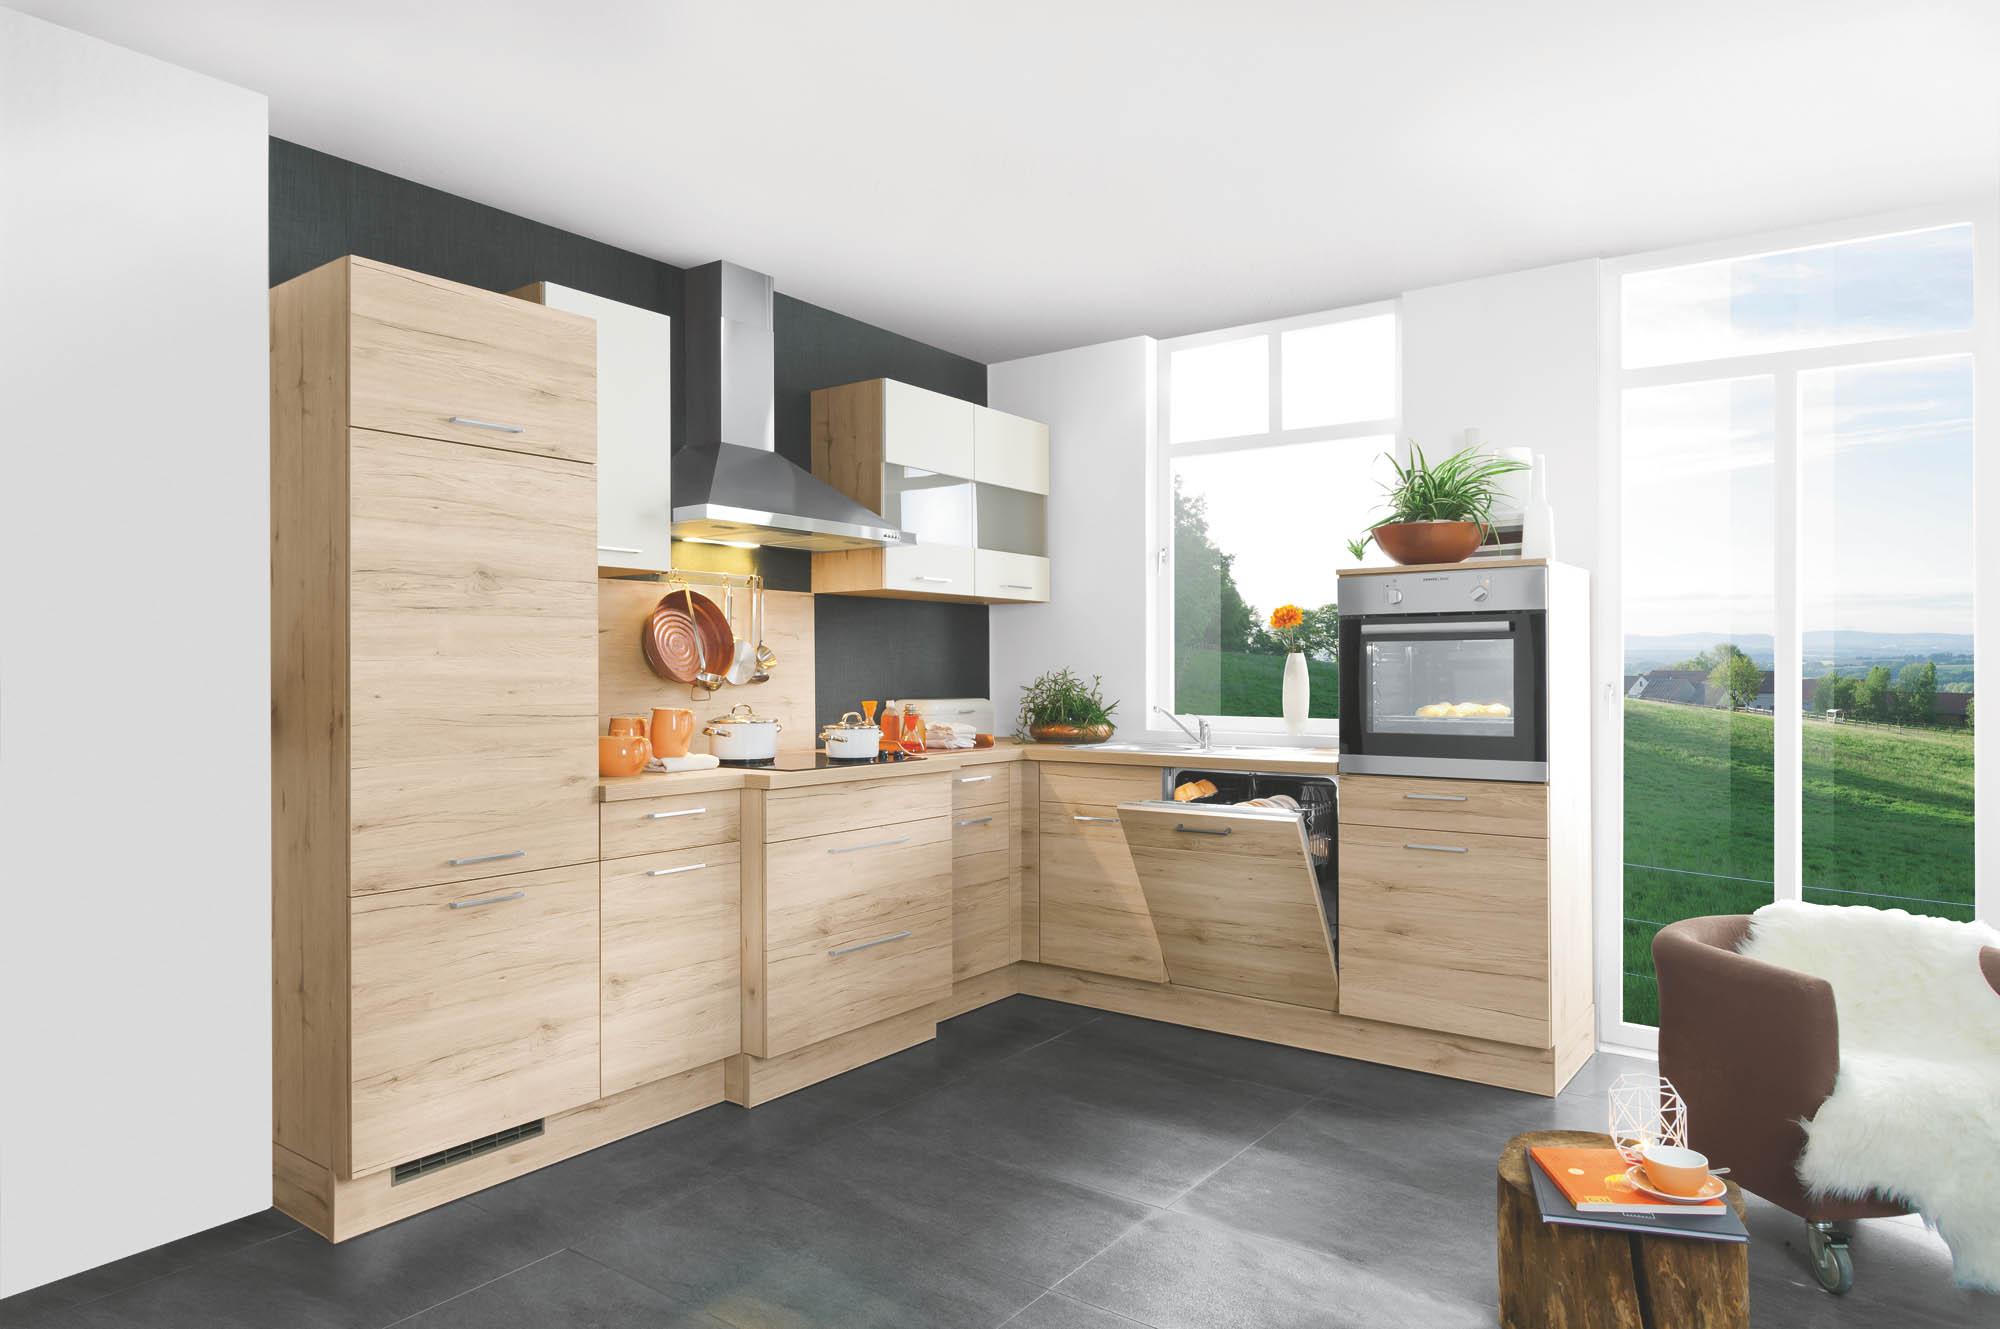 Full Size of Günstige Küche L Form Küche L Form Ikea Küche L Form Modern Komplette Küche L Form Küche Küche L Form